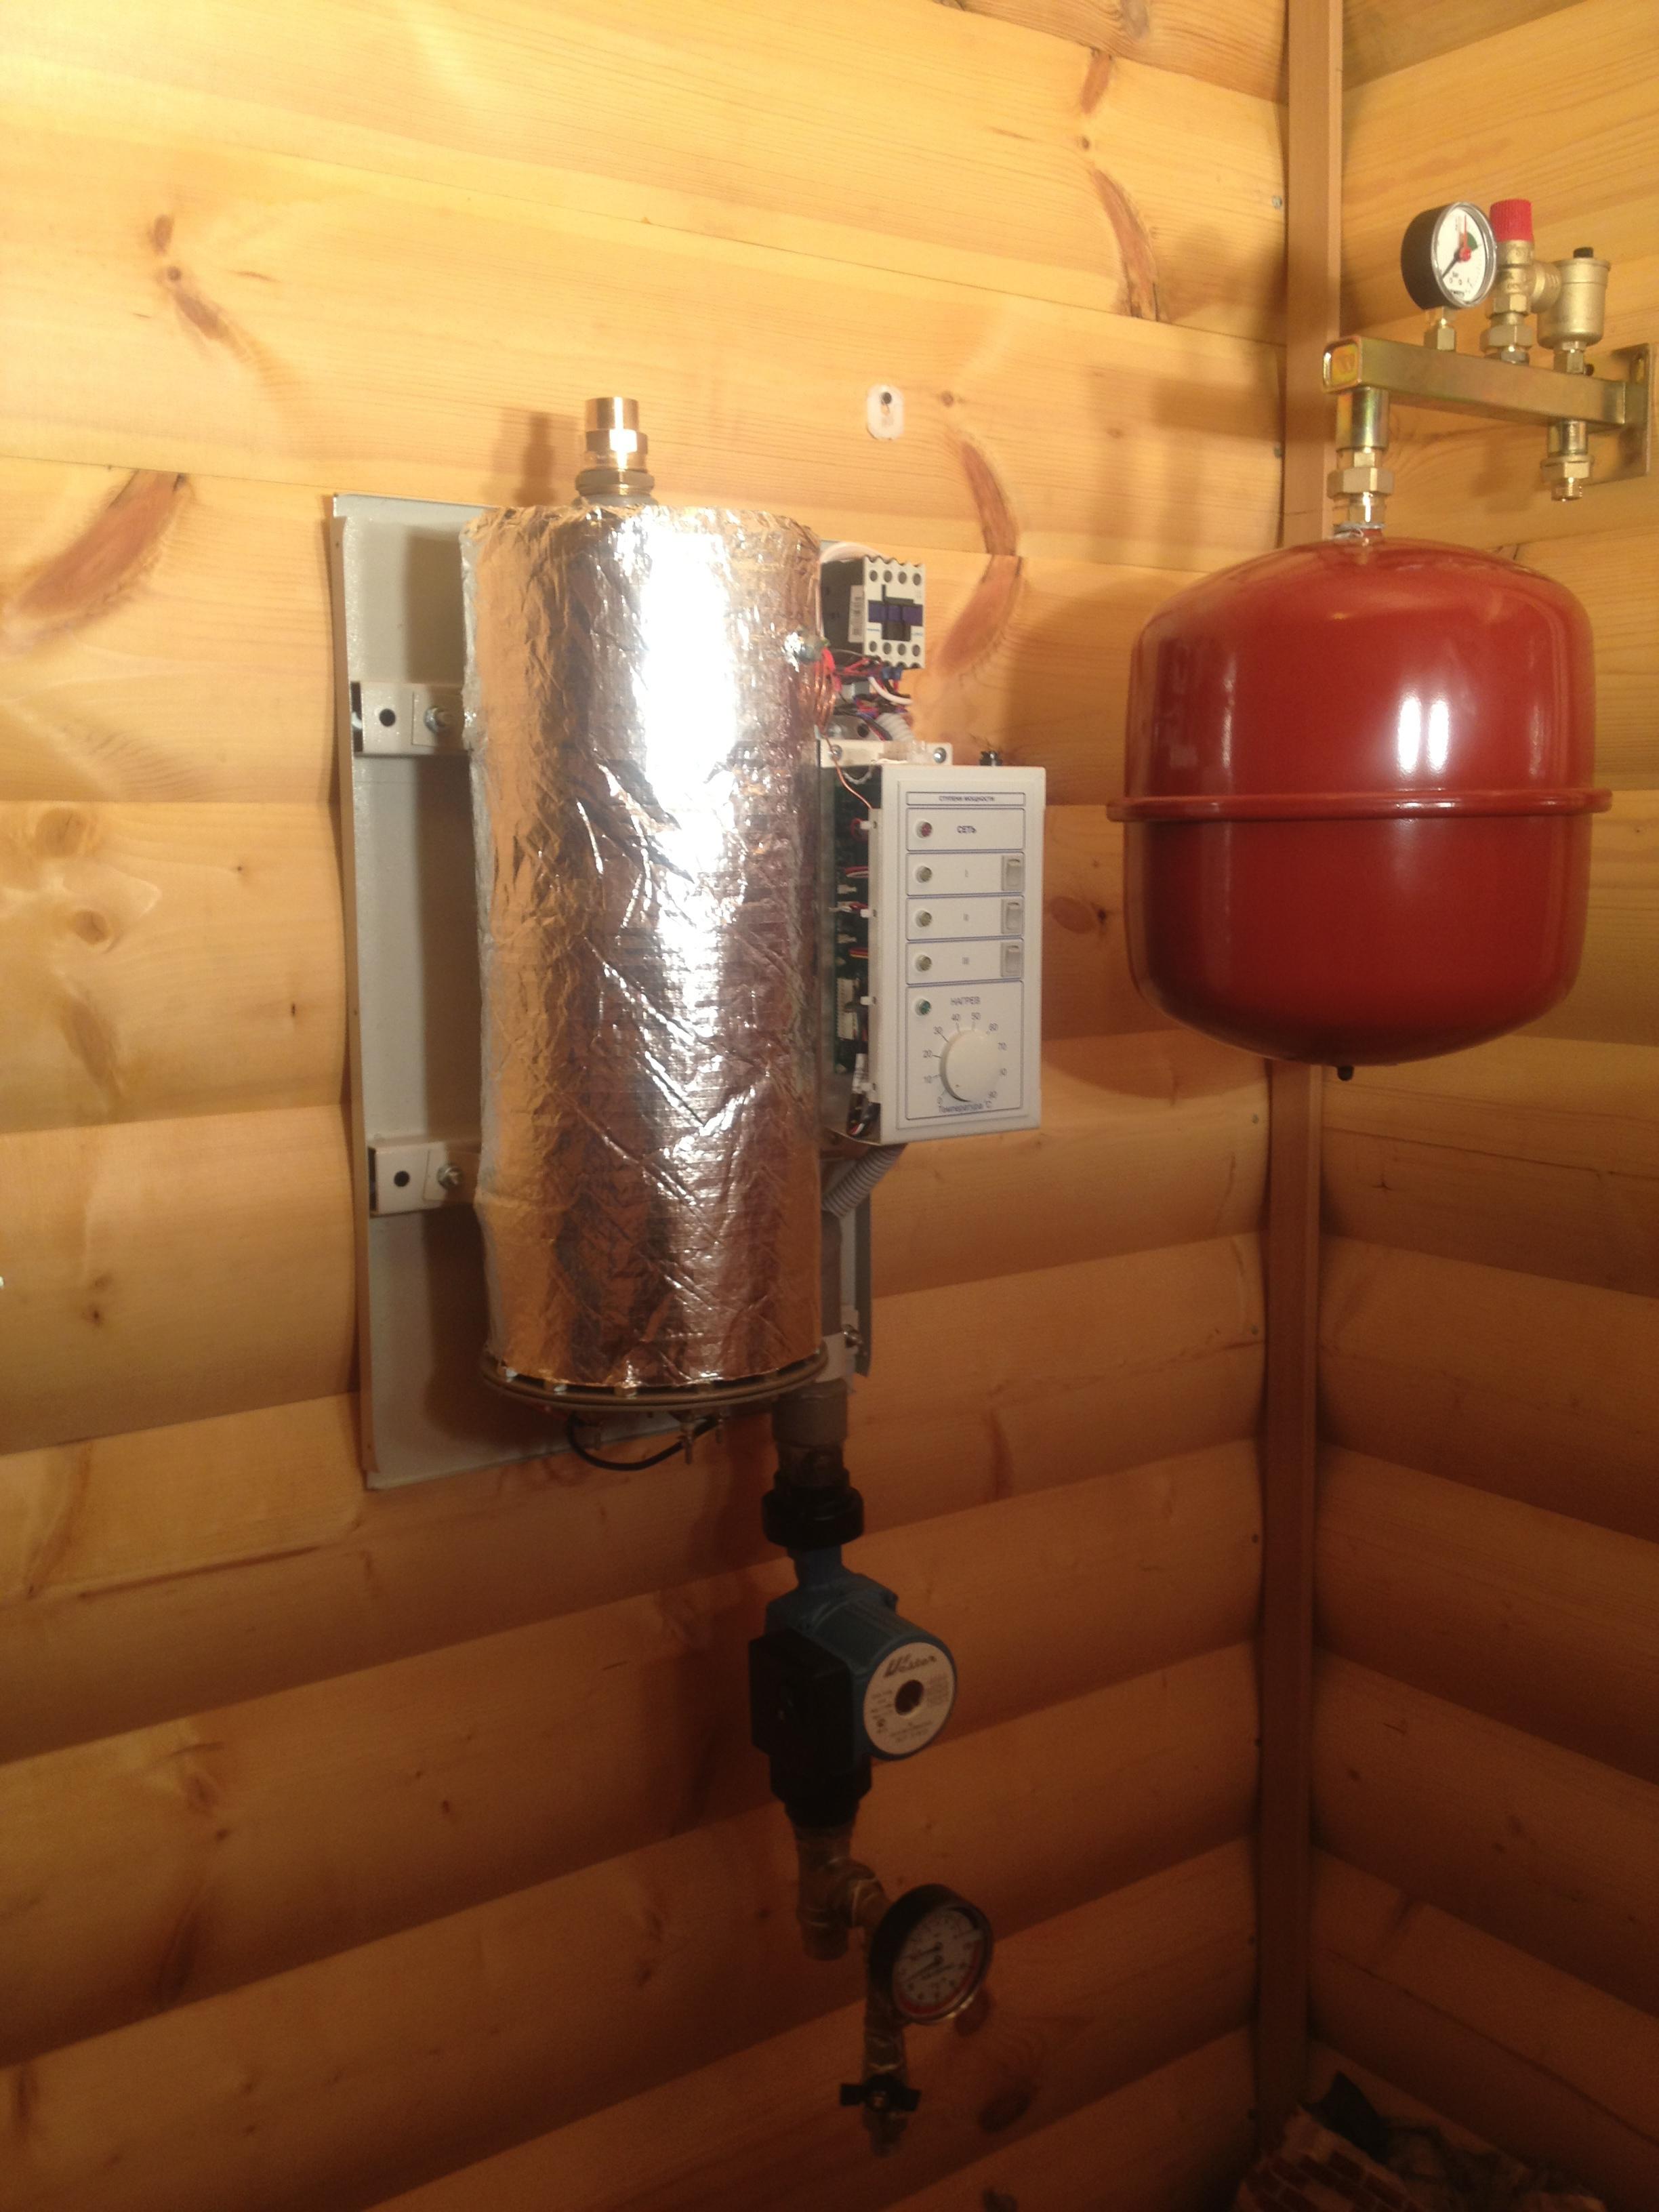 схема установки электрокотла в систему отопления